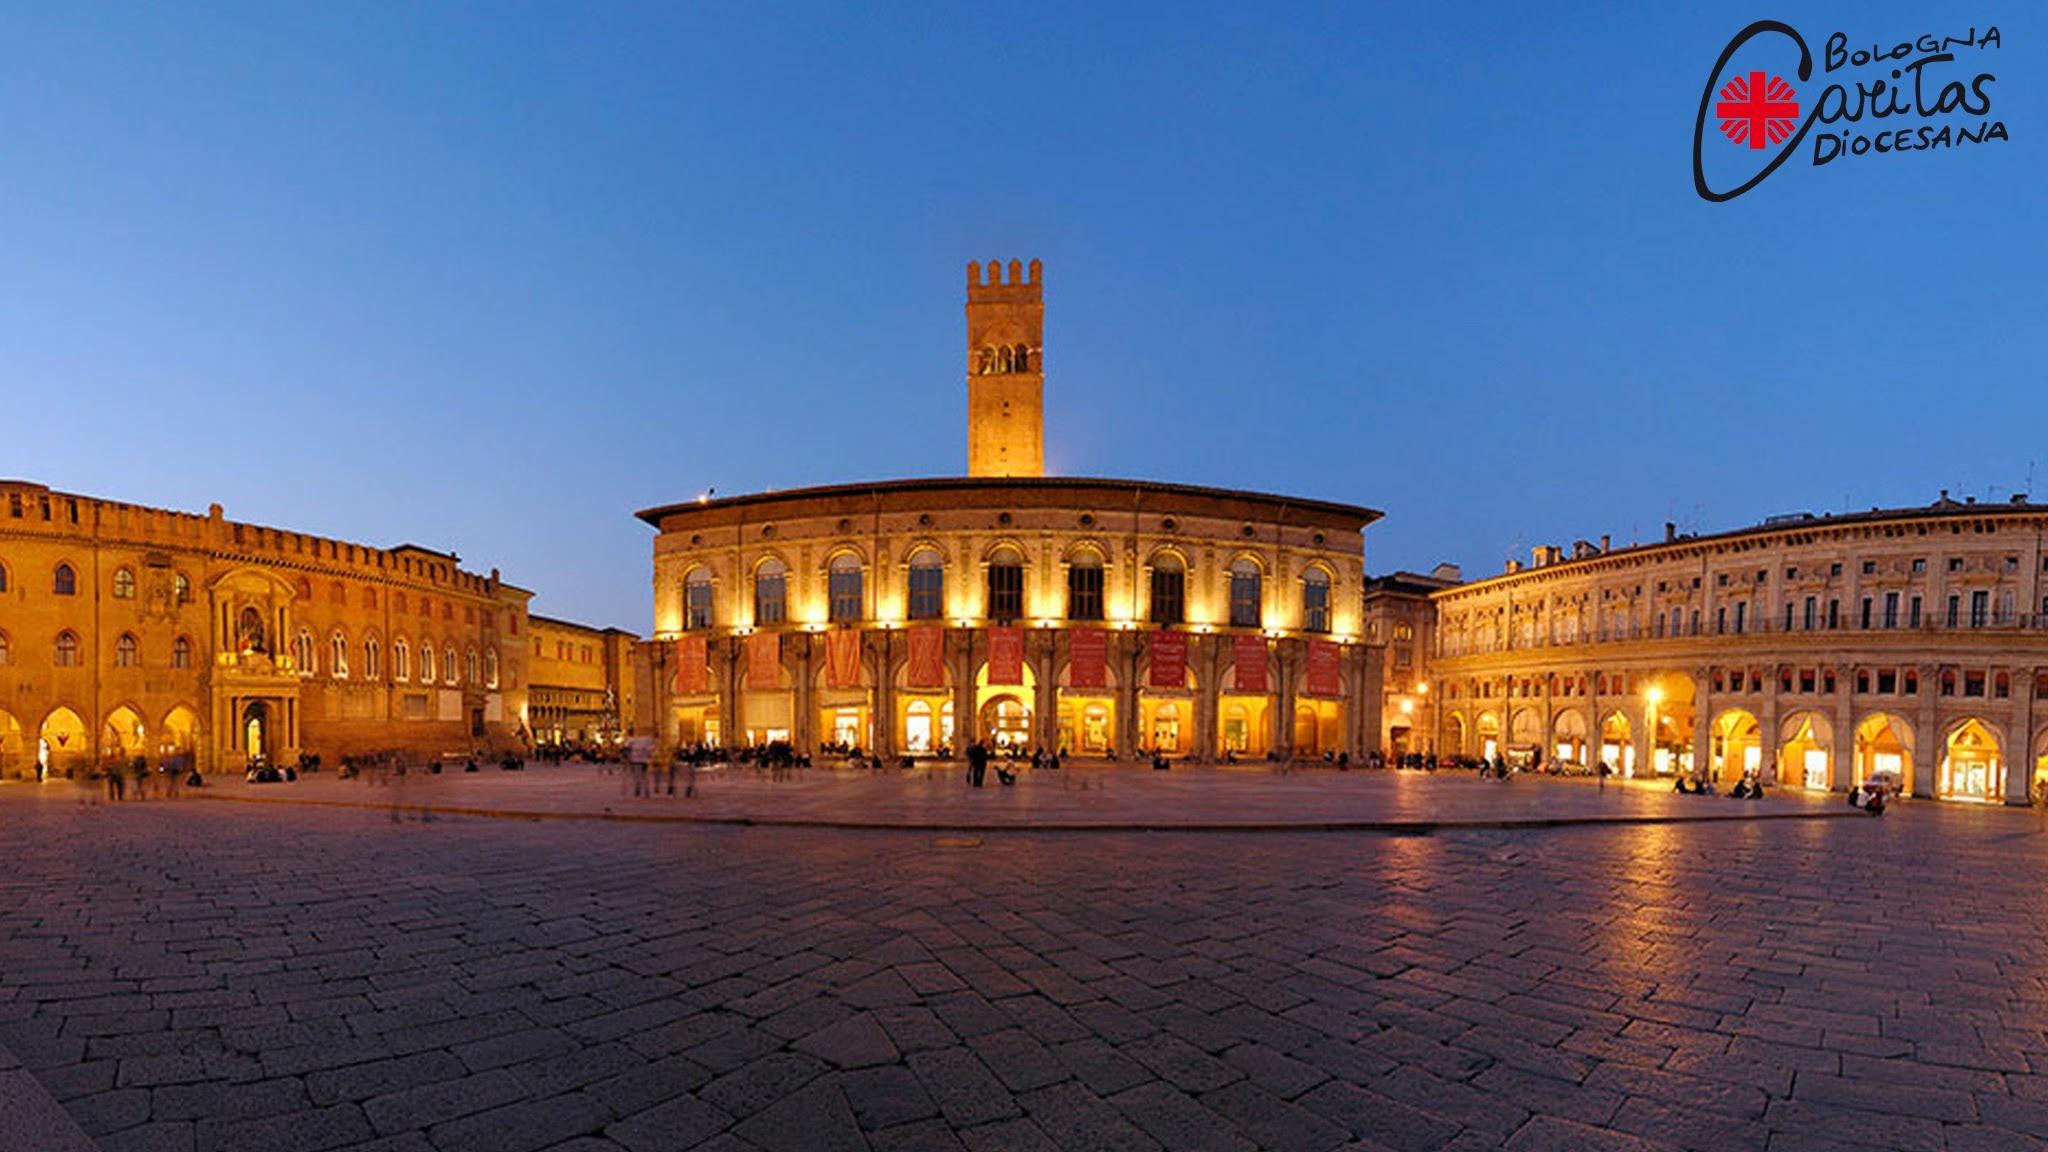 Caritas Bologna